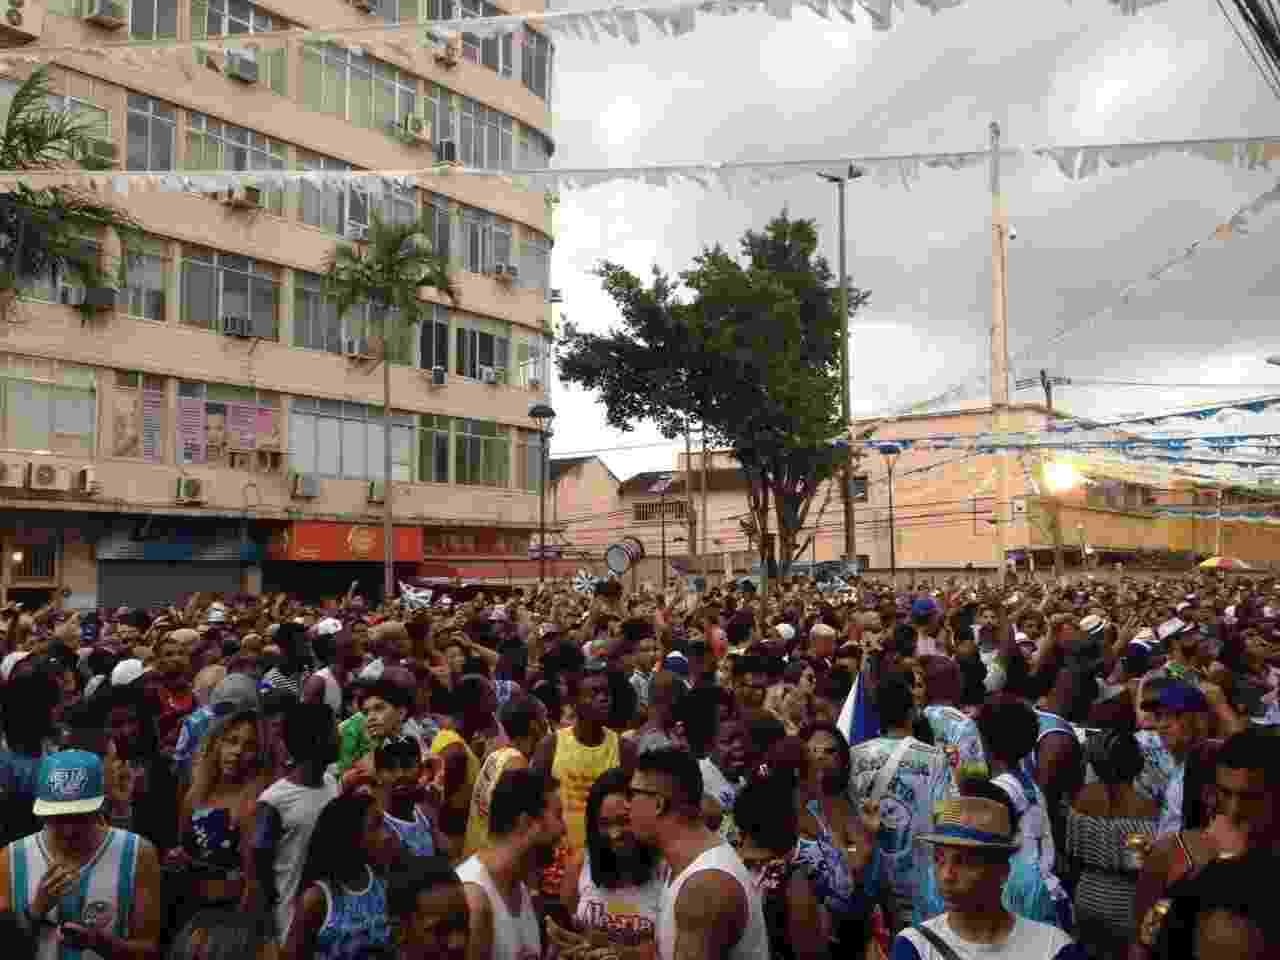 Com quadra interditada pela Justiça, Beija-Flor montou um palco na praça dos Estudantes, em Nilópolis, para comemorar o título - Carolina Farias/UOL